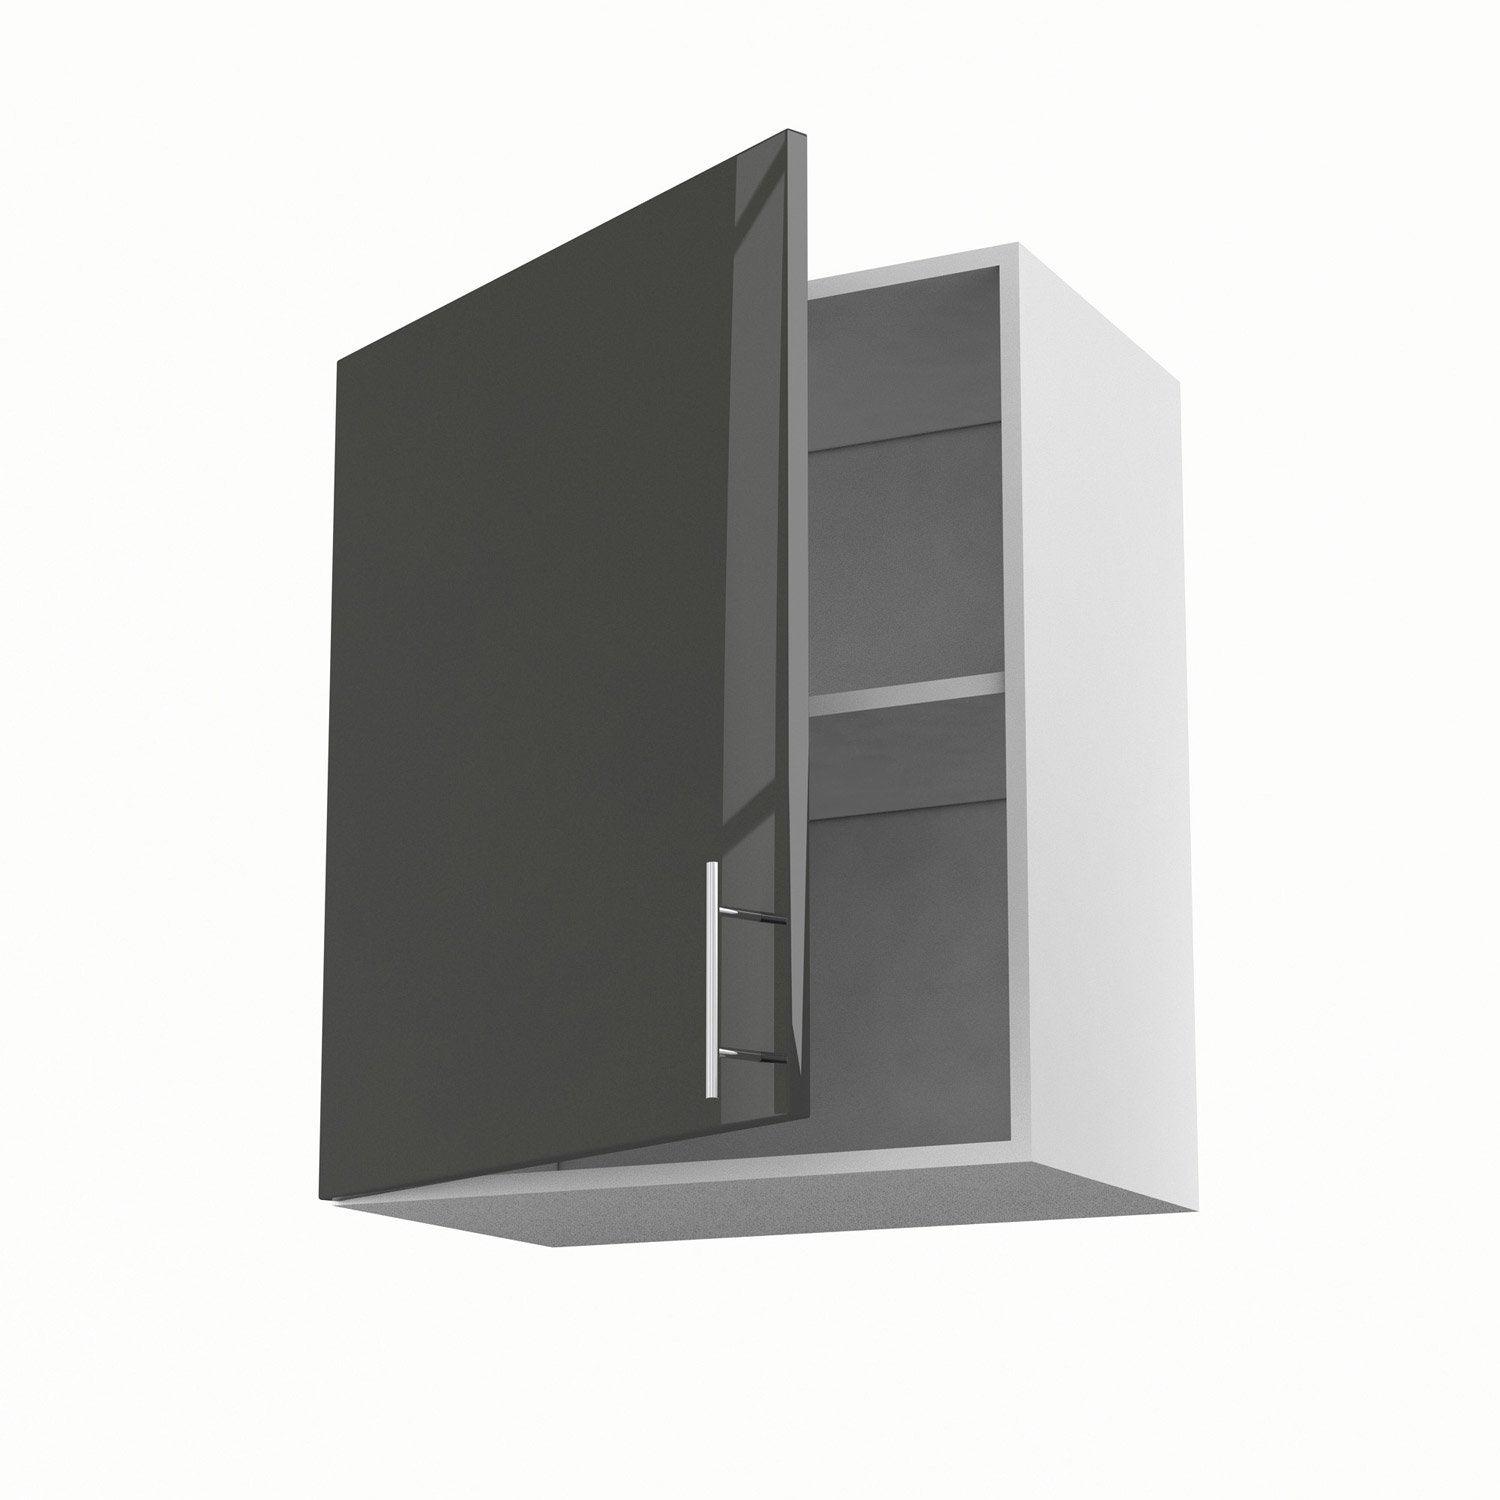 meuble de cuisine haut gris 1 porte rio x x cm leroy merlin. Black Bedroom Furniture Sets. Home Design Ideas